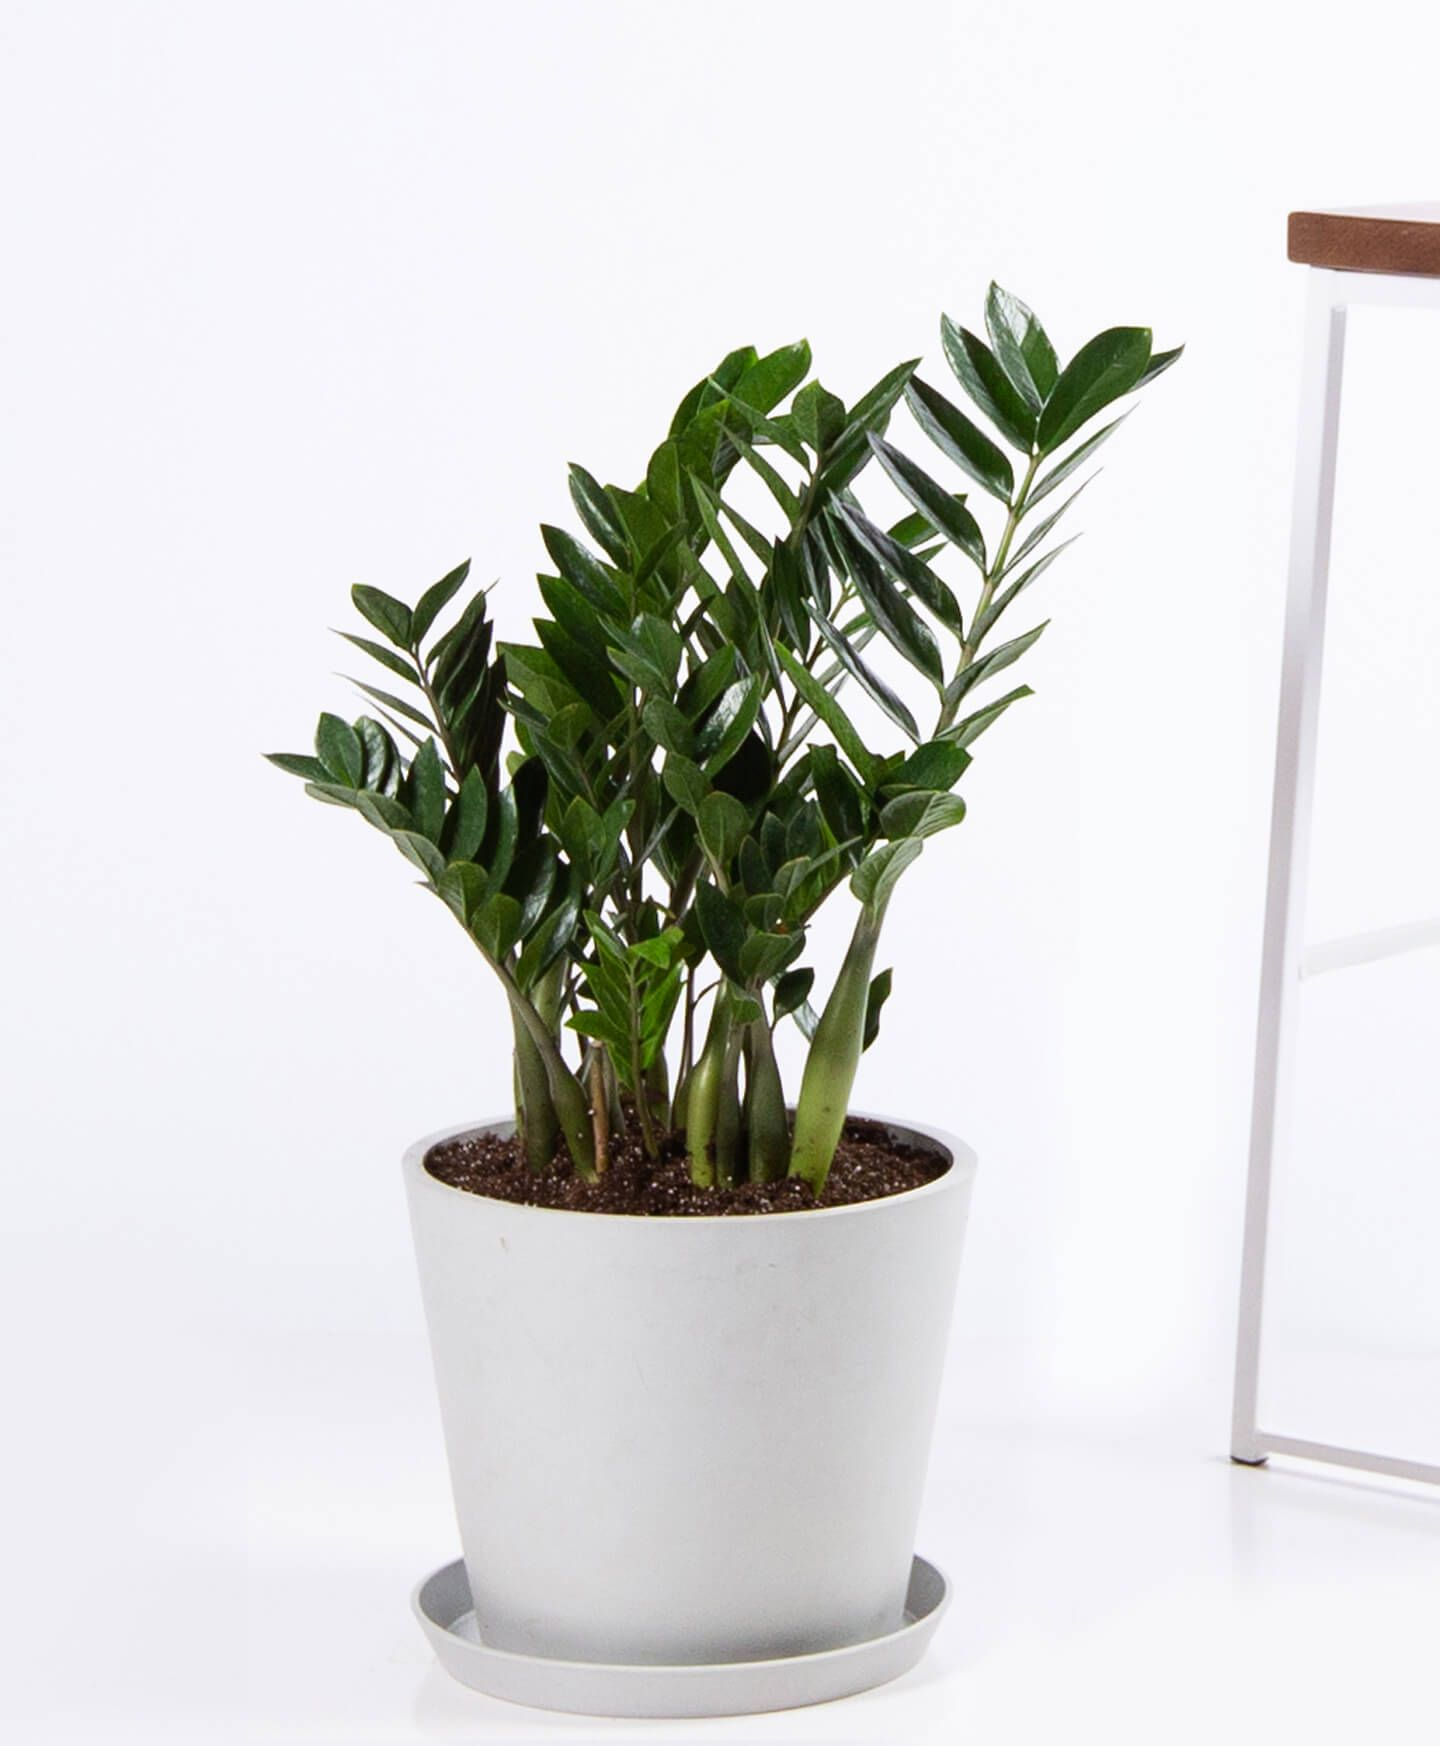 ZZ plant - Stone